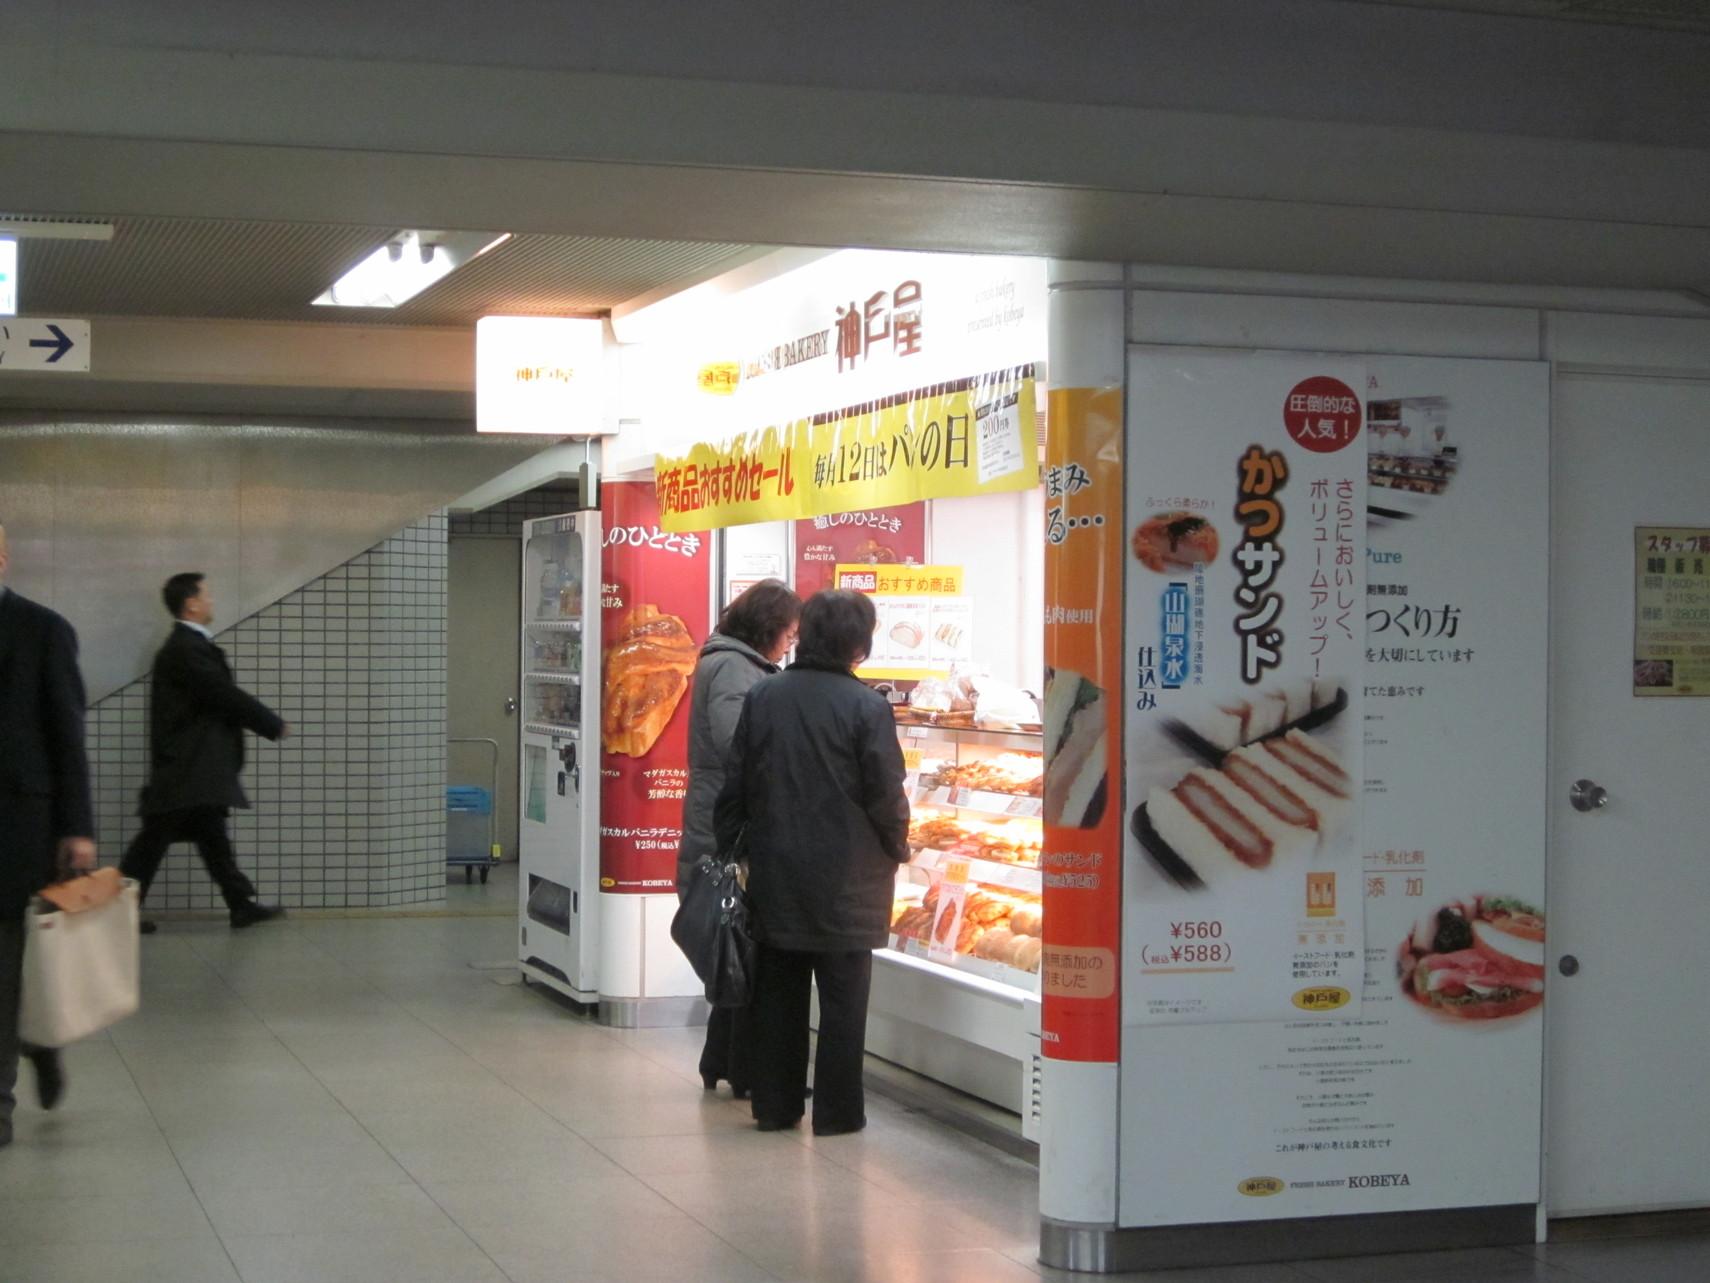 フレッシュベーカリー神戸屋 枚方市駅店